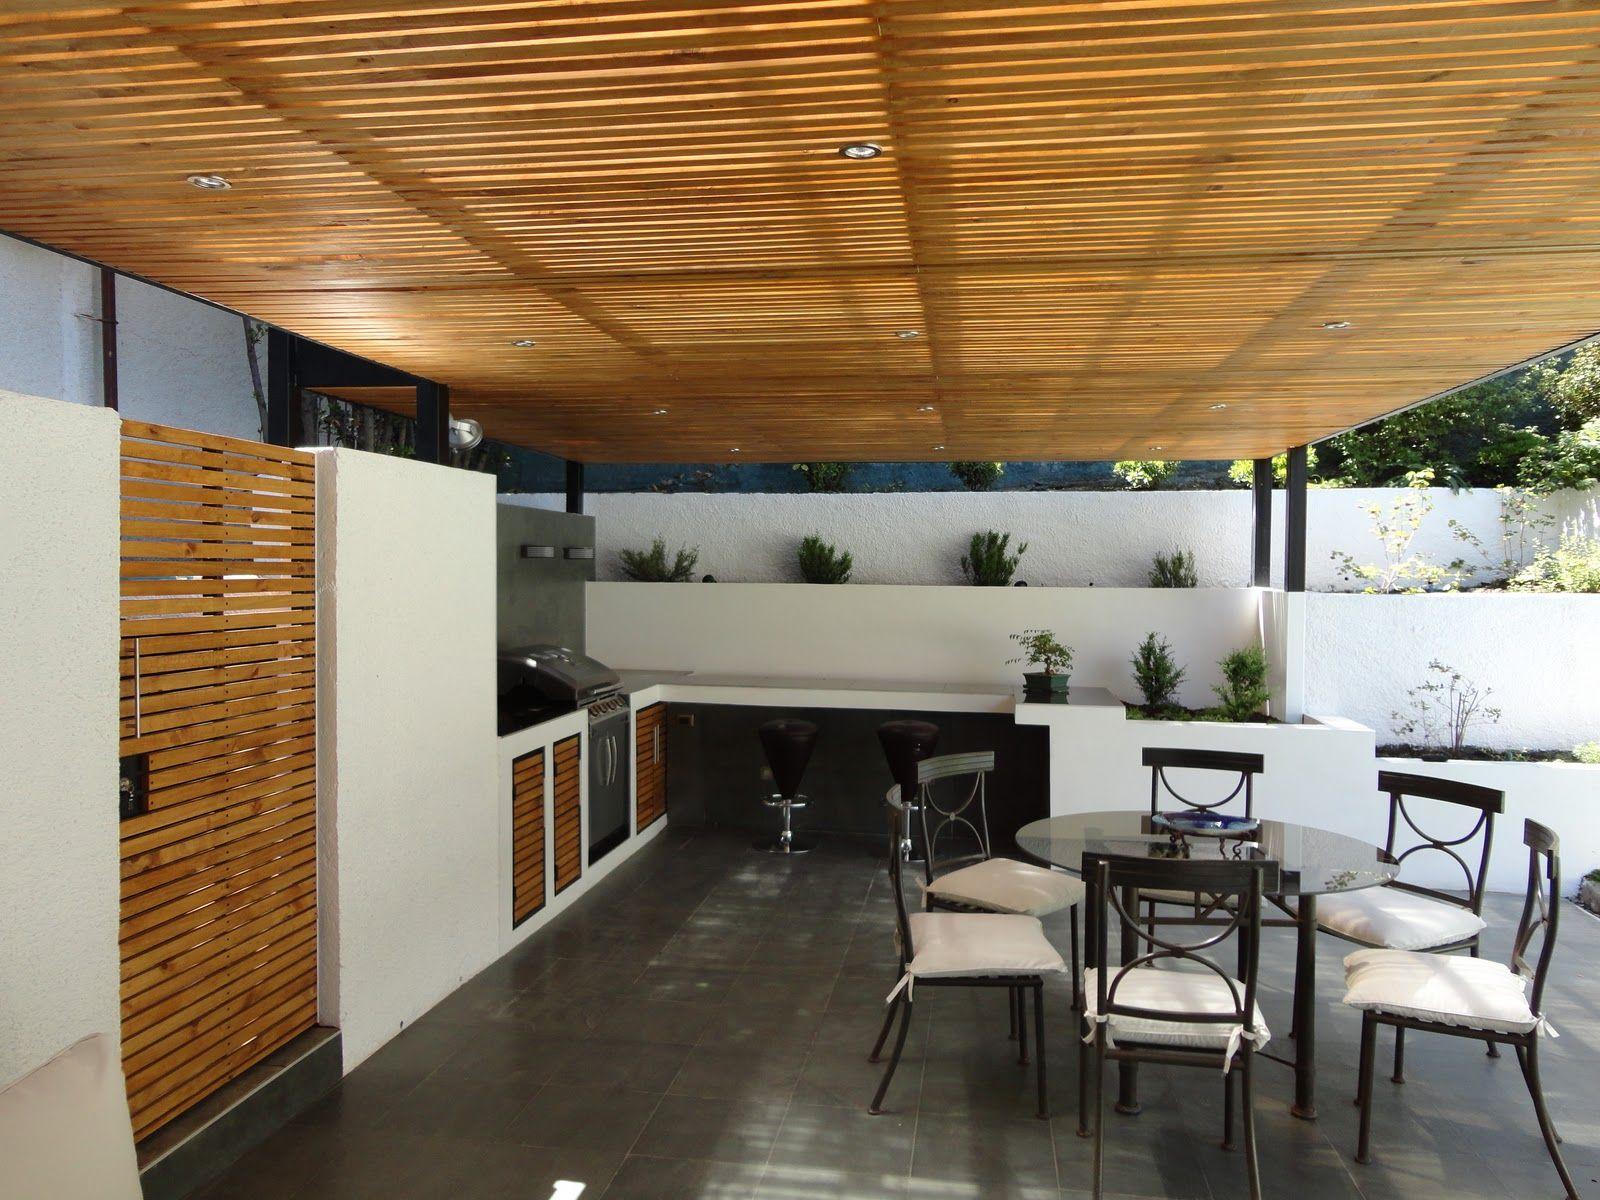 Quinchos modernos buscar con google casa quinchos for Casa minimalista con quincho